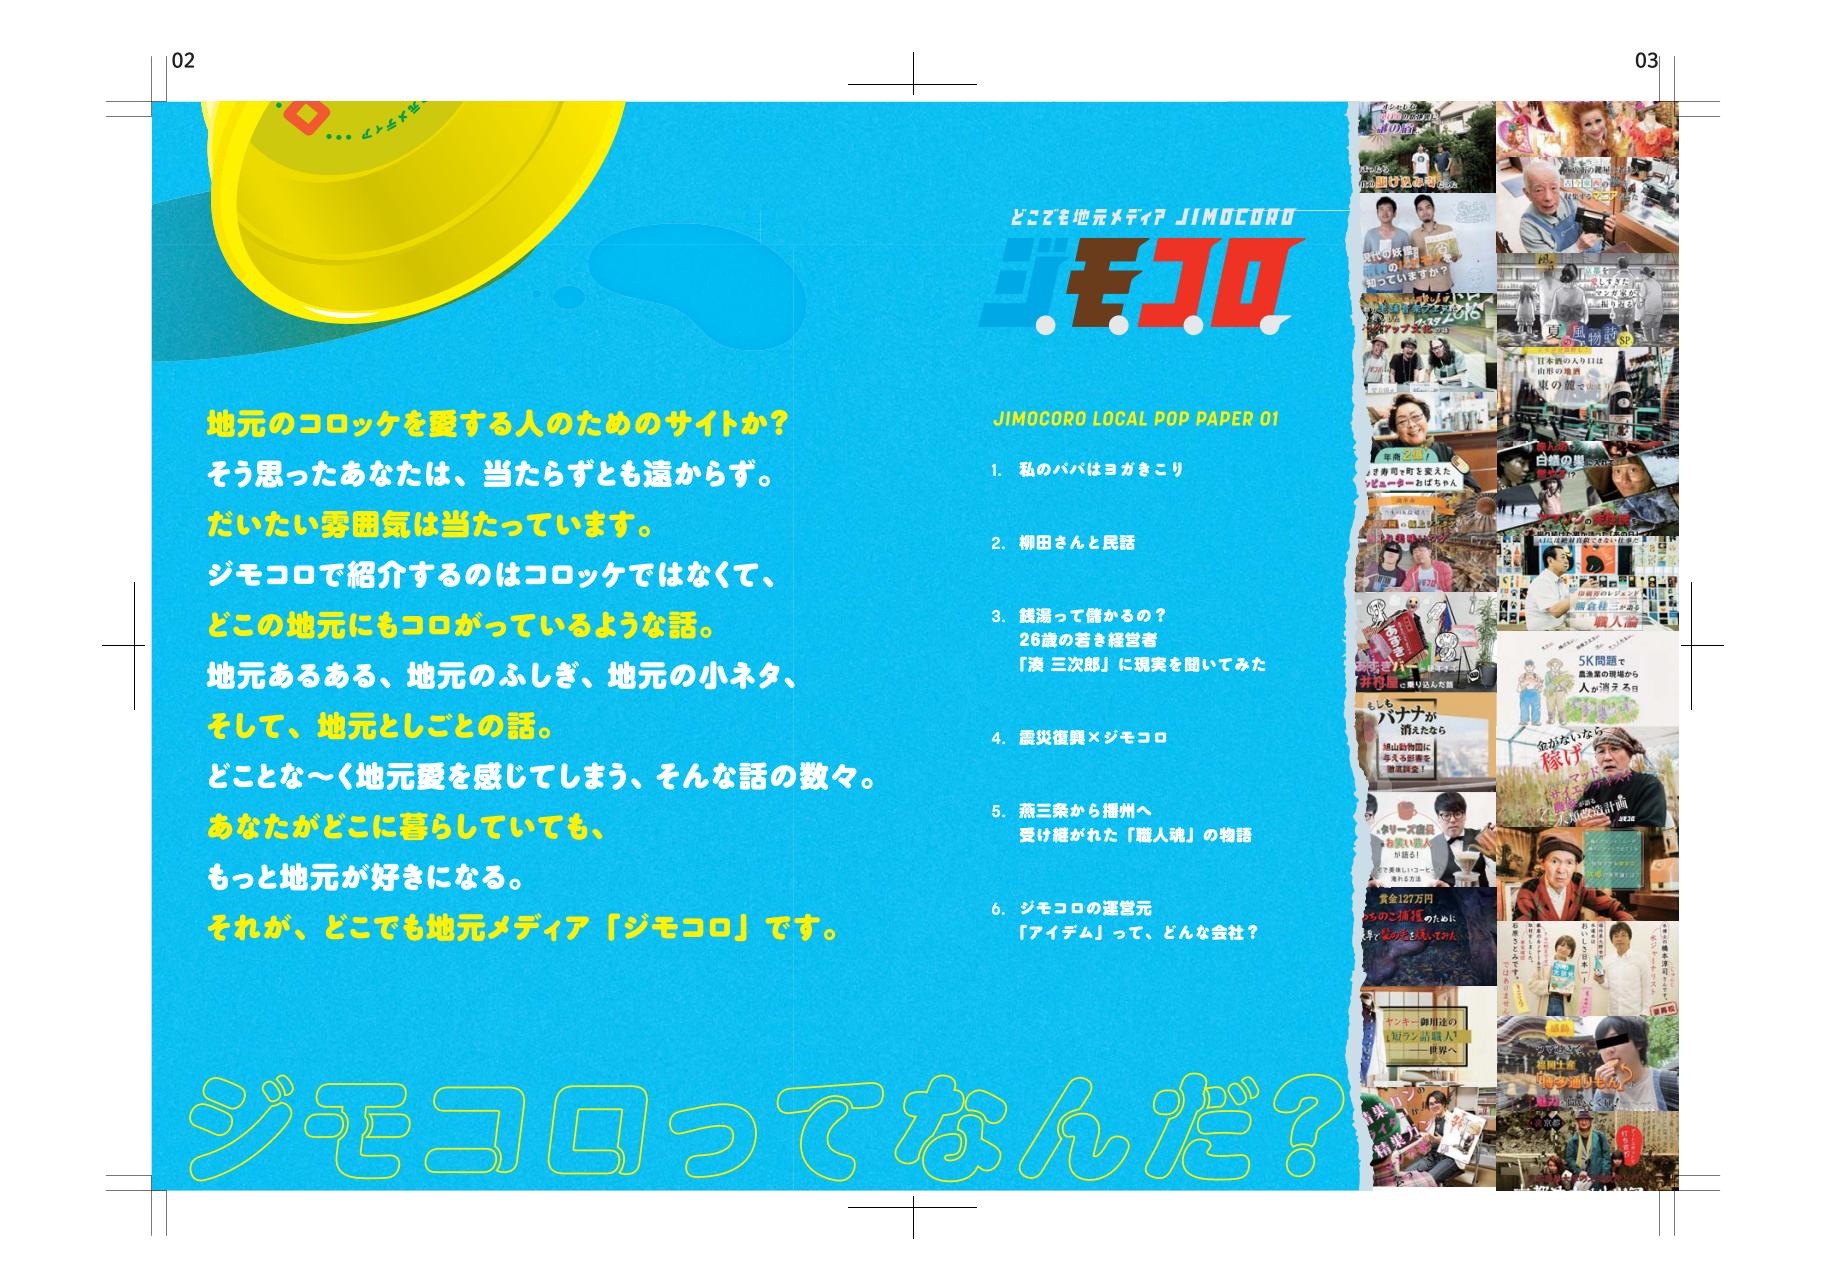 f:id:kakijiro:20170619012012p:plain